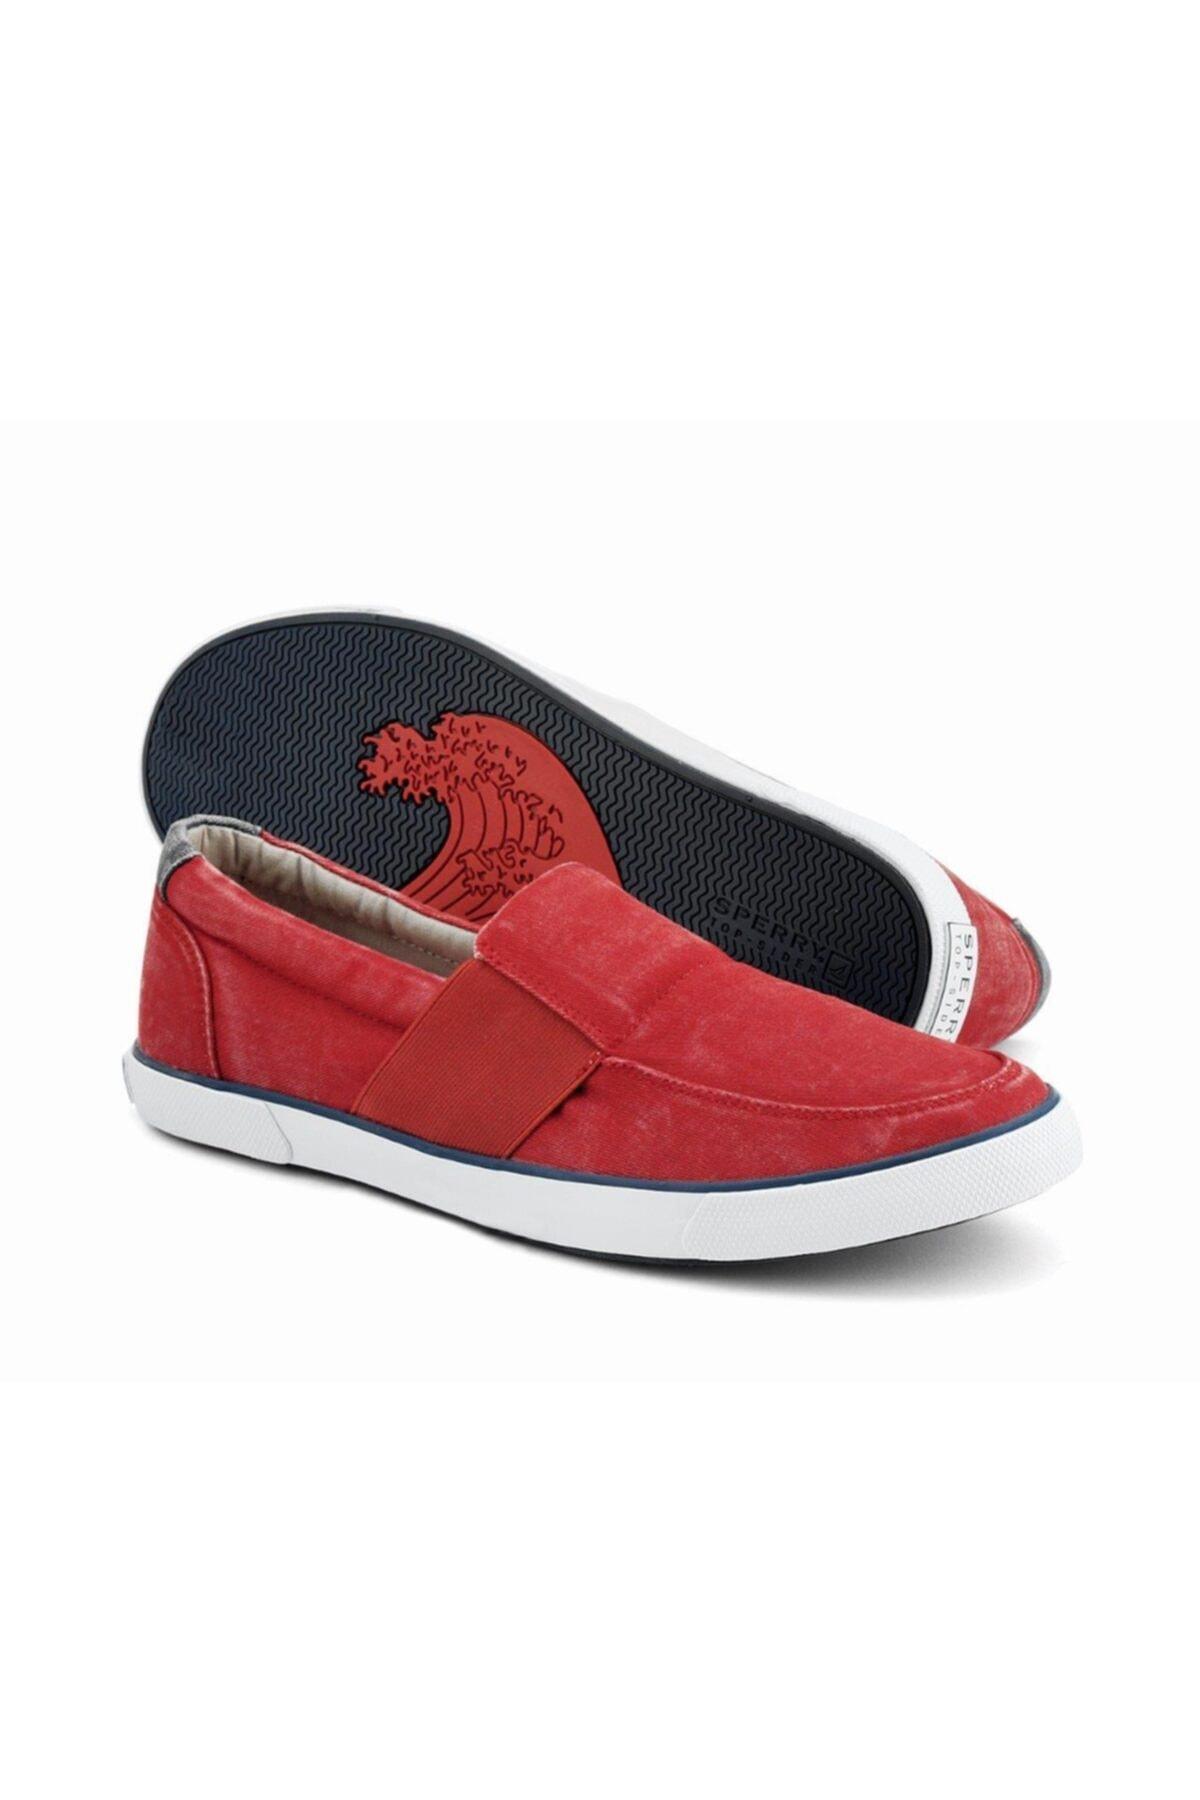 Sperry Top-Sider Erkek Ayakkabı Kırmızı 1